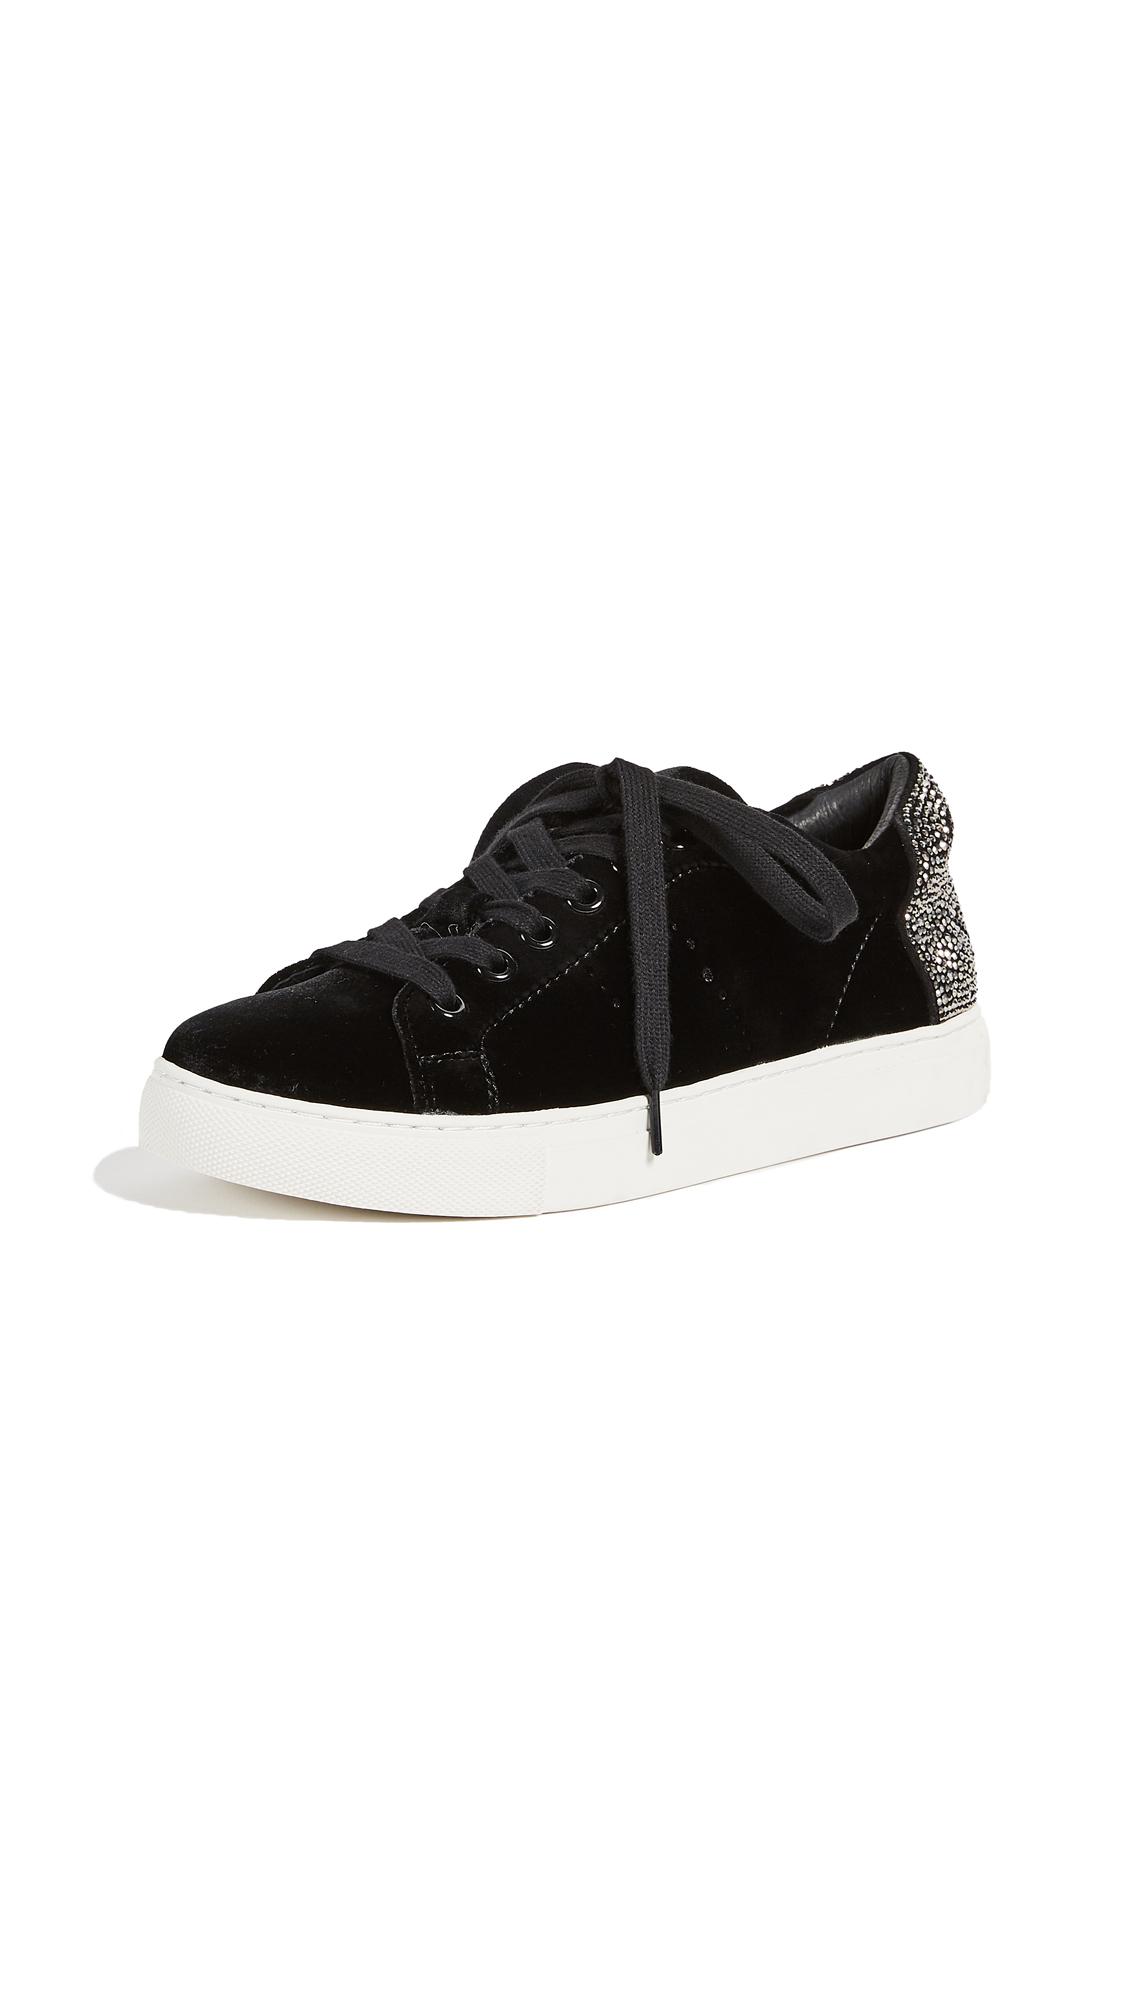 ONE by Smile Velvet Sneakers - Black